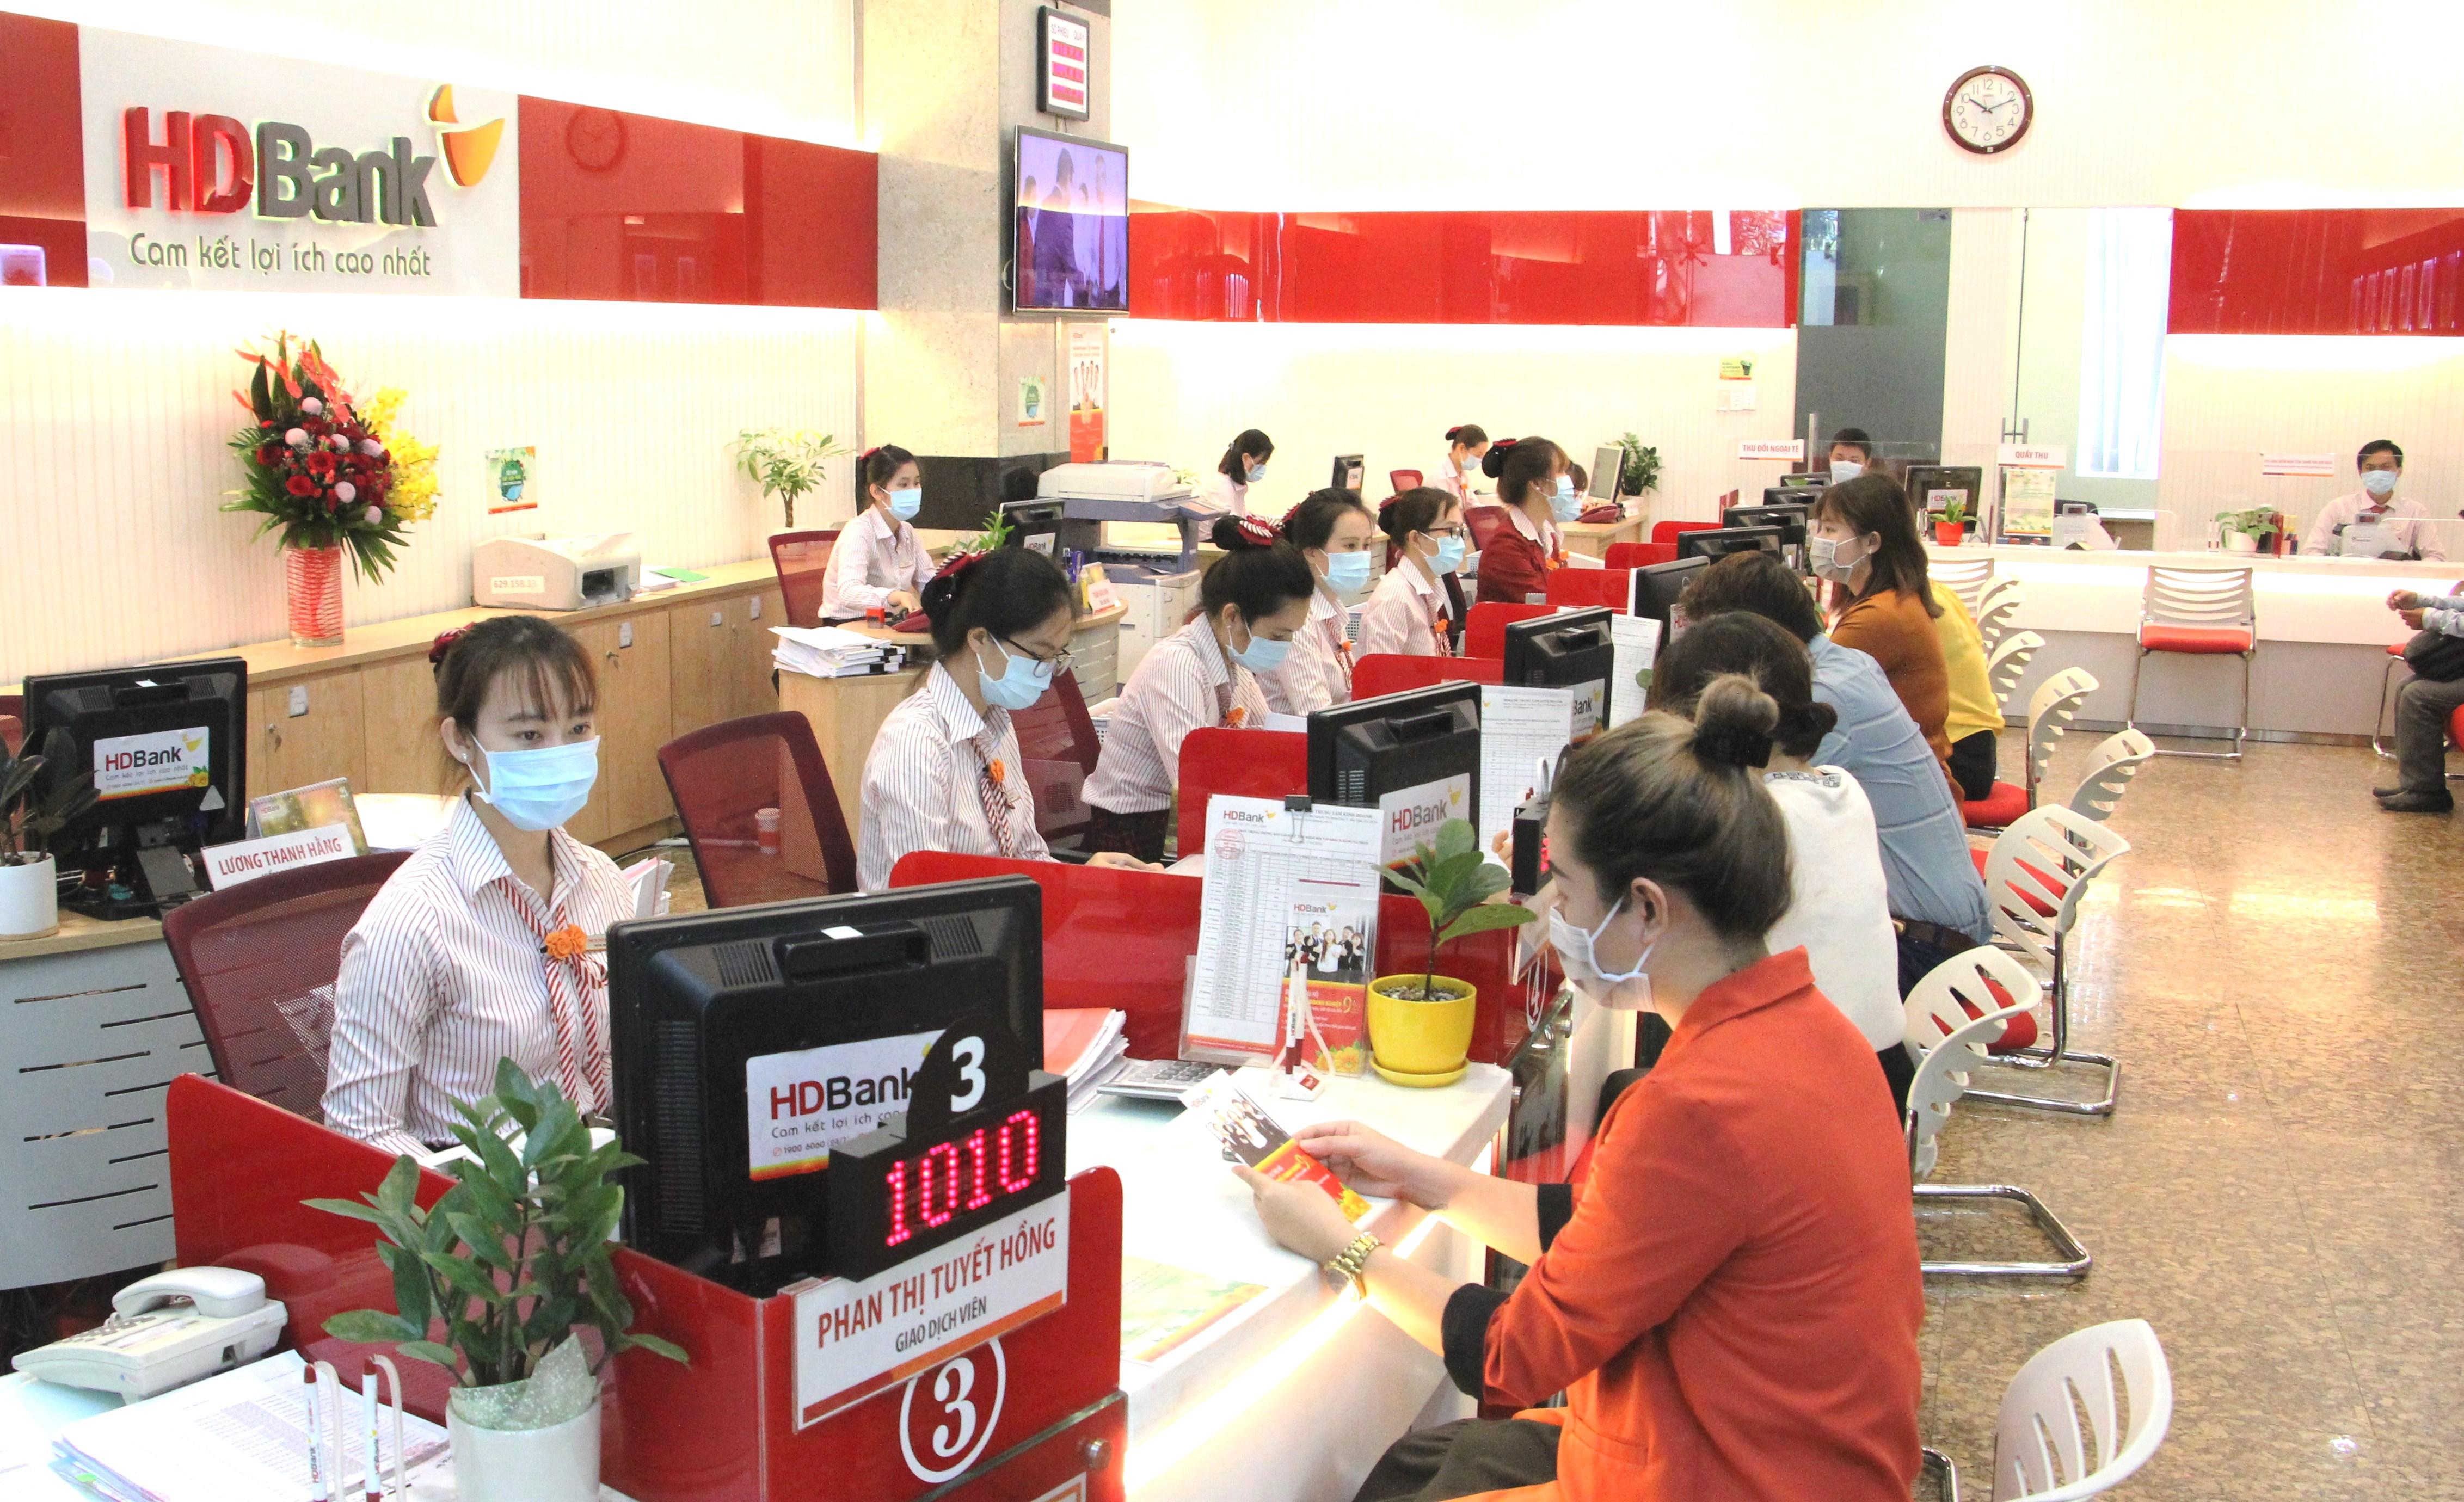 HDBank ưu đãi phí cho khách hàng mở tài khoản doanh nghiệp - Ảnh 2